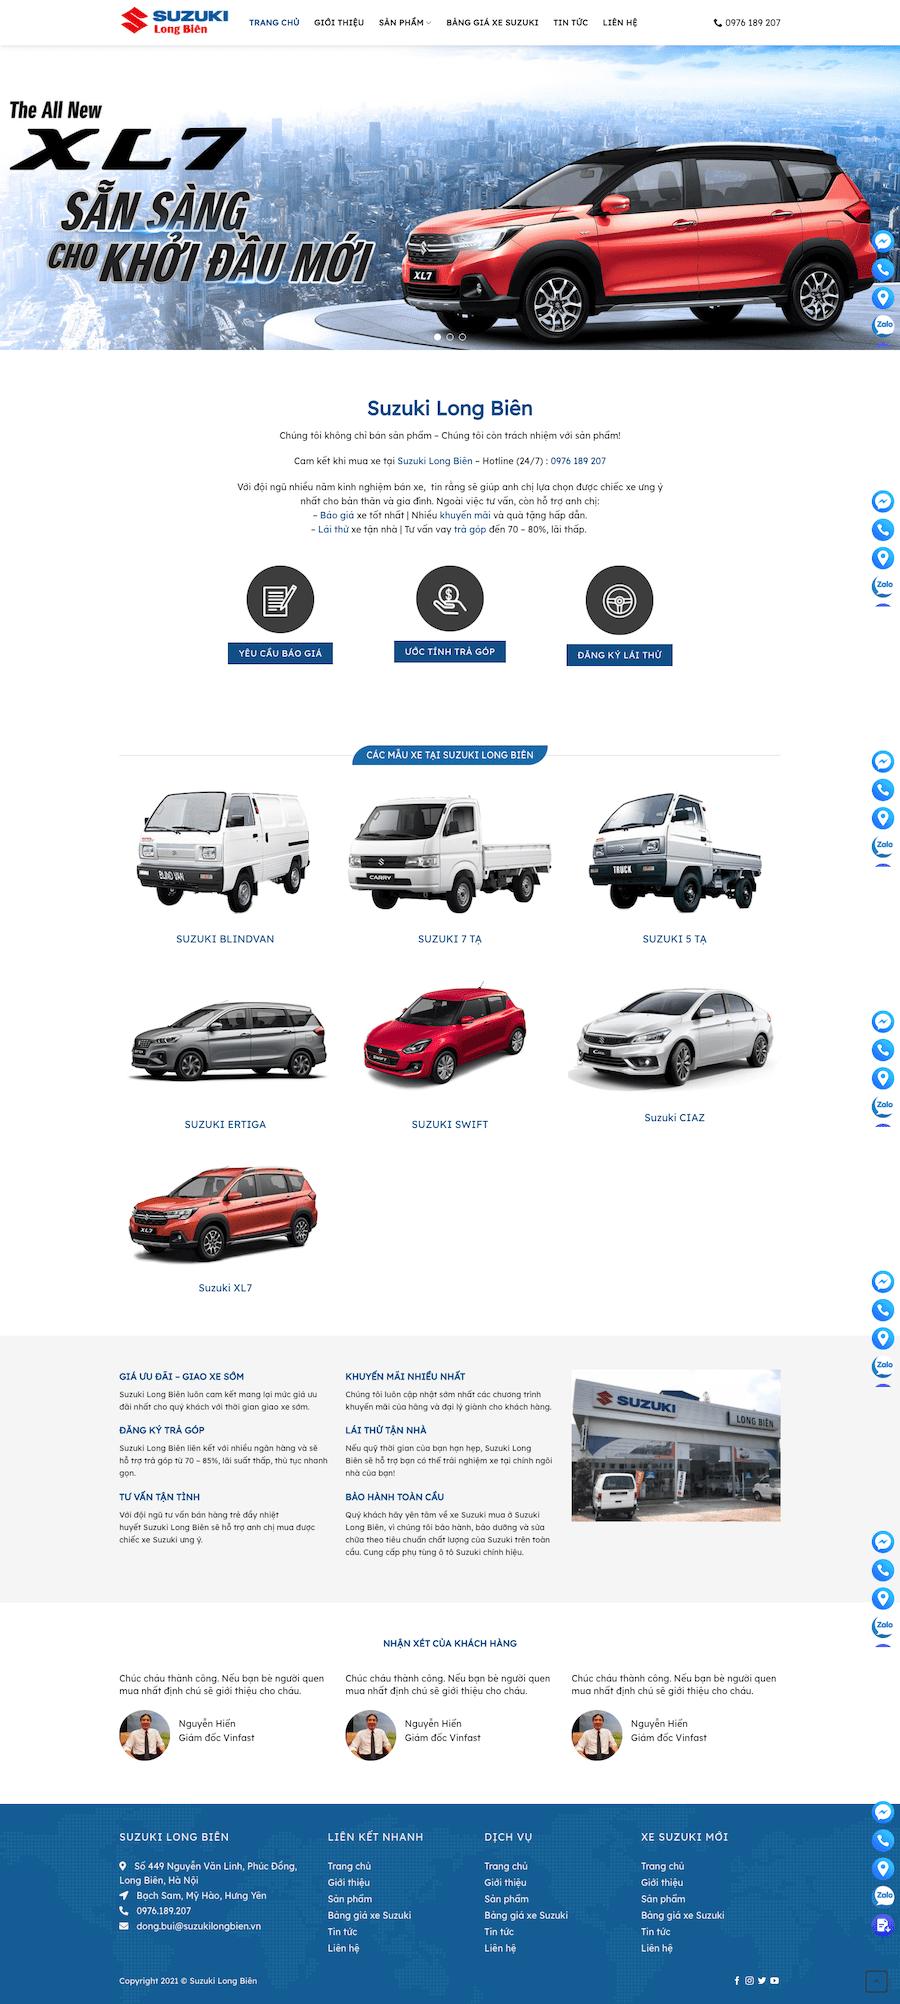 Dự án đại lý ô tô Long Biên Suzuki